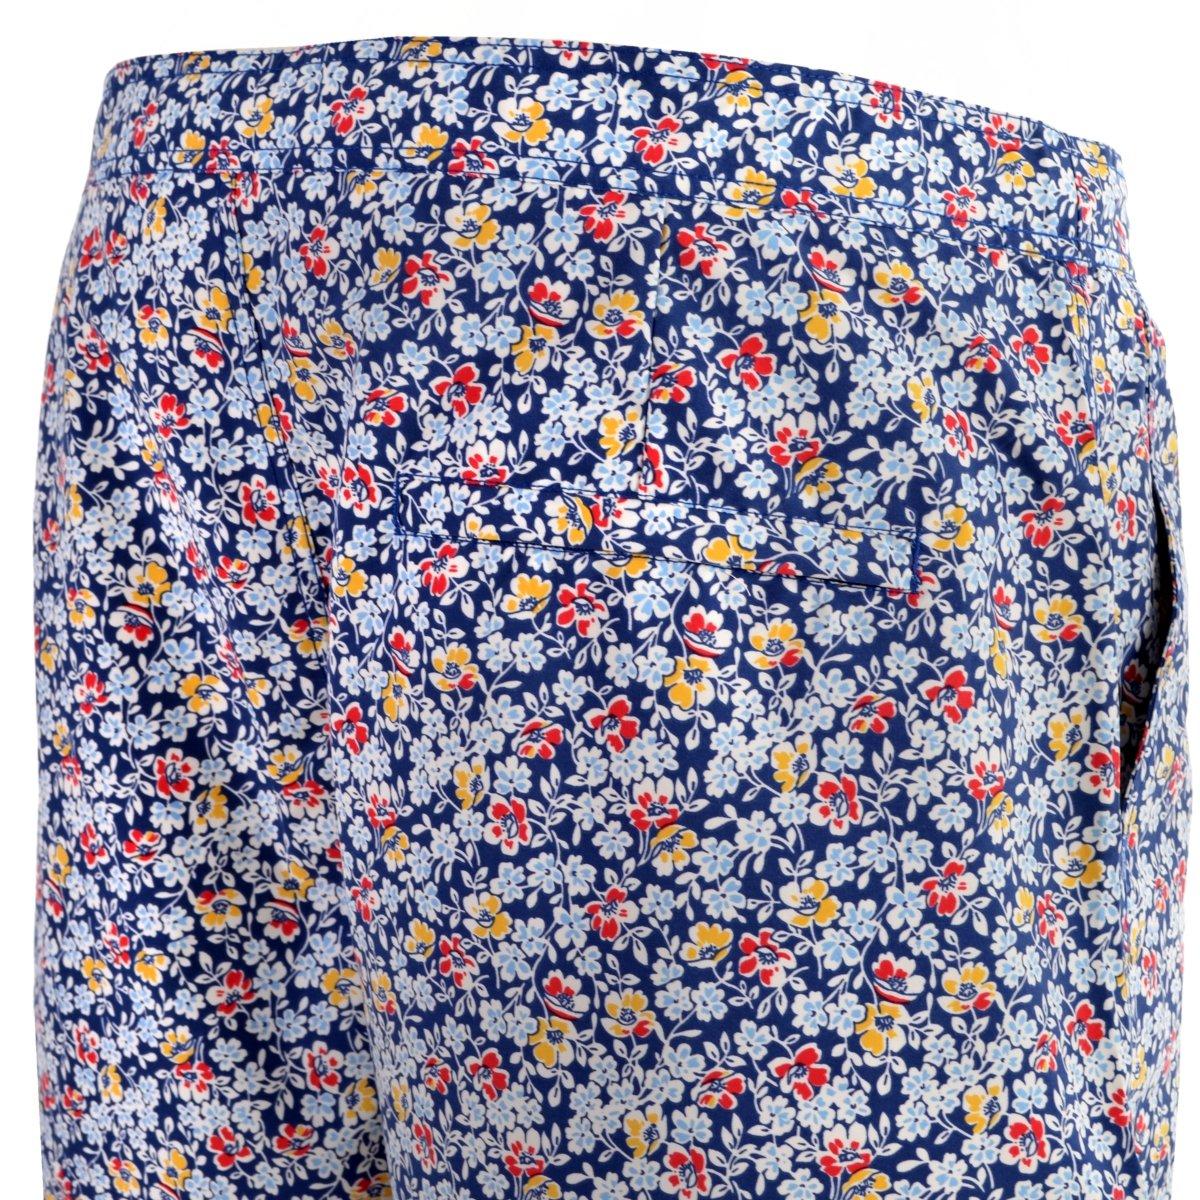 Juegos De Baño Sears: de baño j opus plus print floral traje de baño j opus plus print